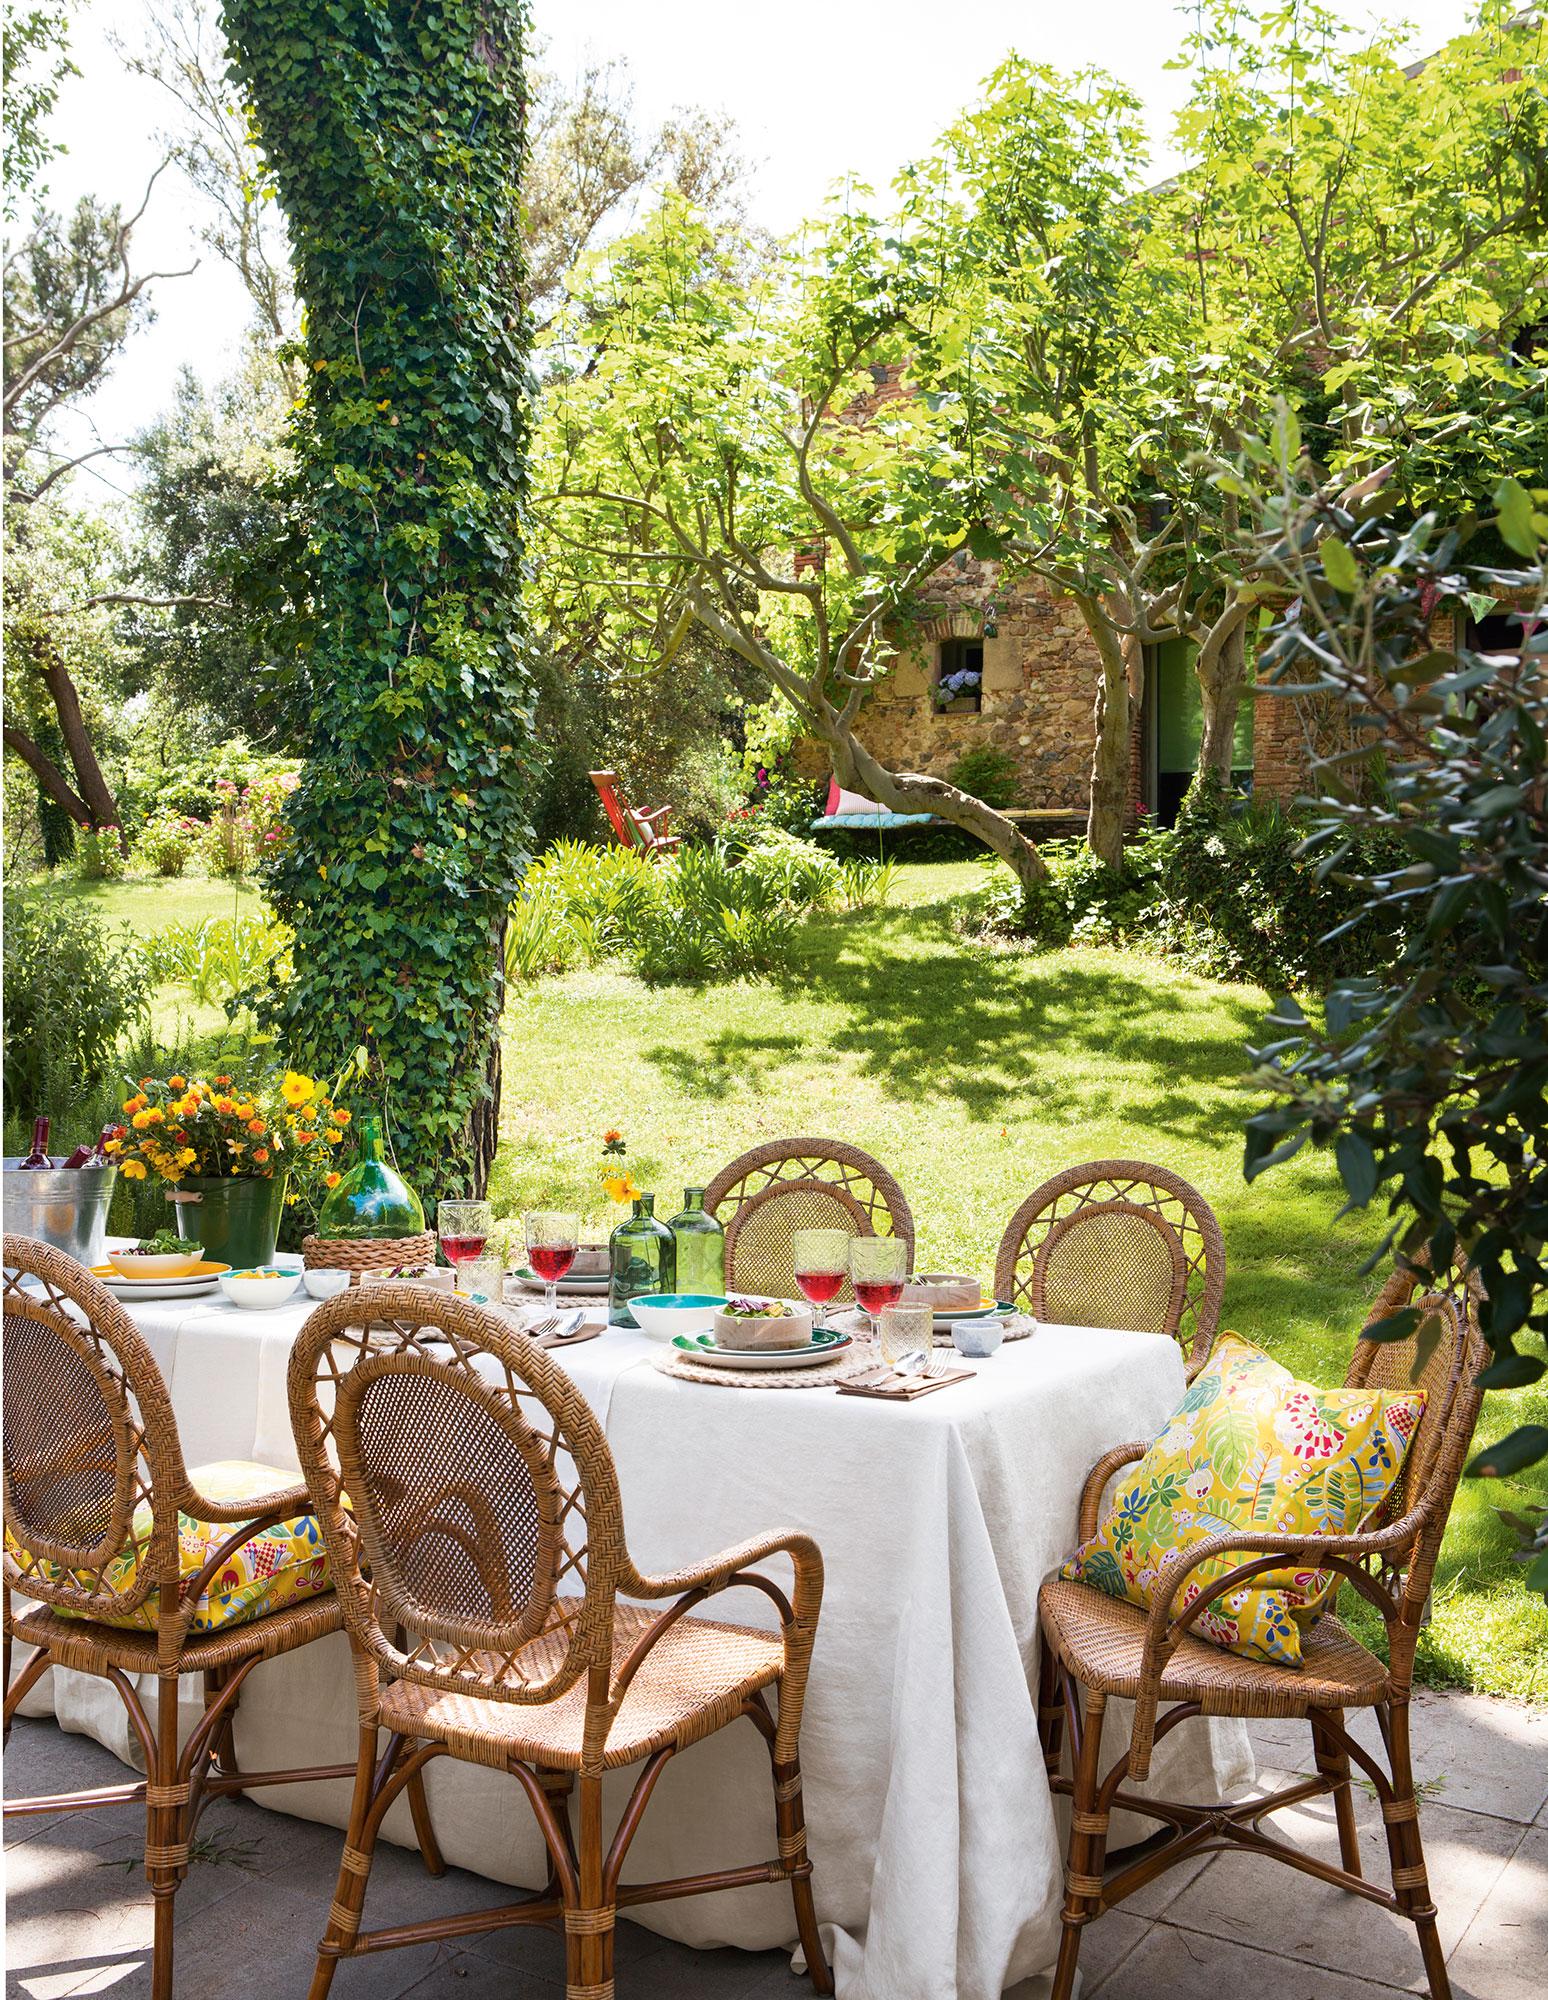 Un Jard N Para Toda La Familia # Muebles Oasis Caseros